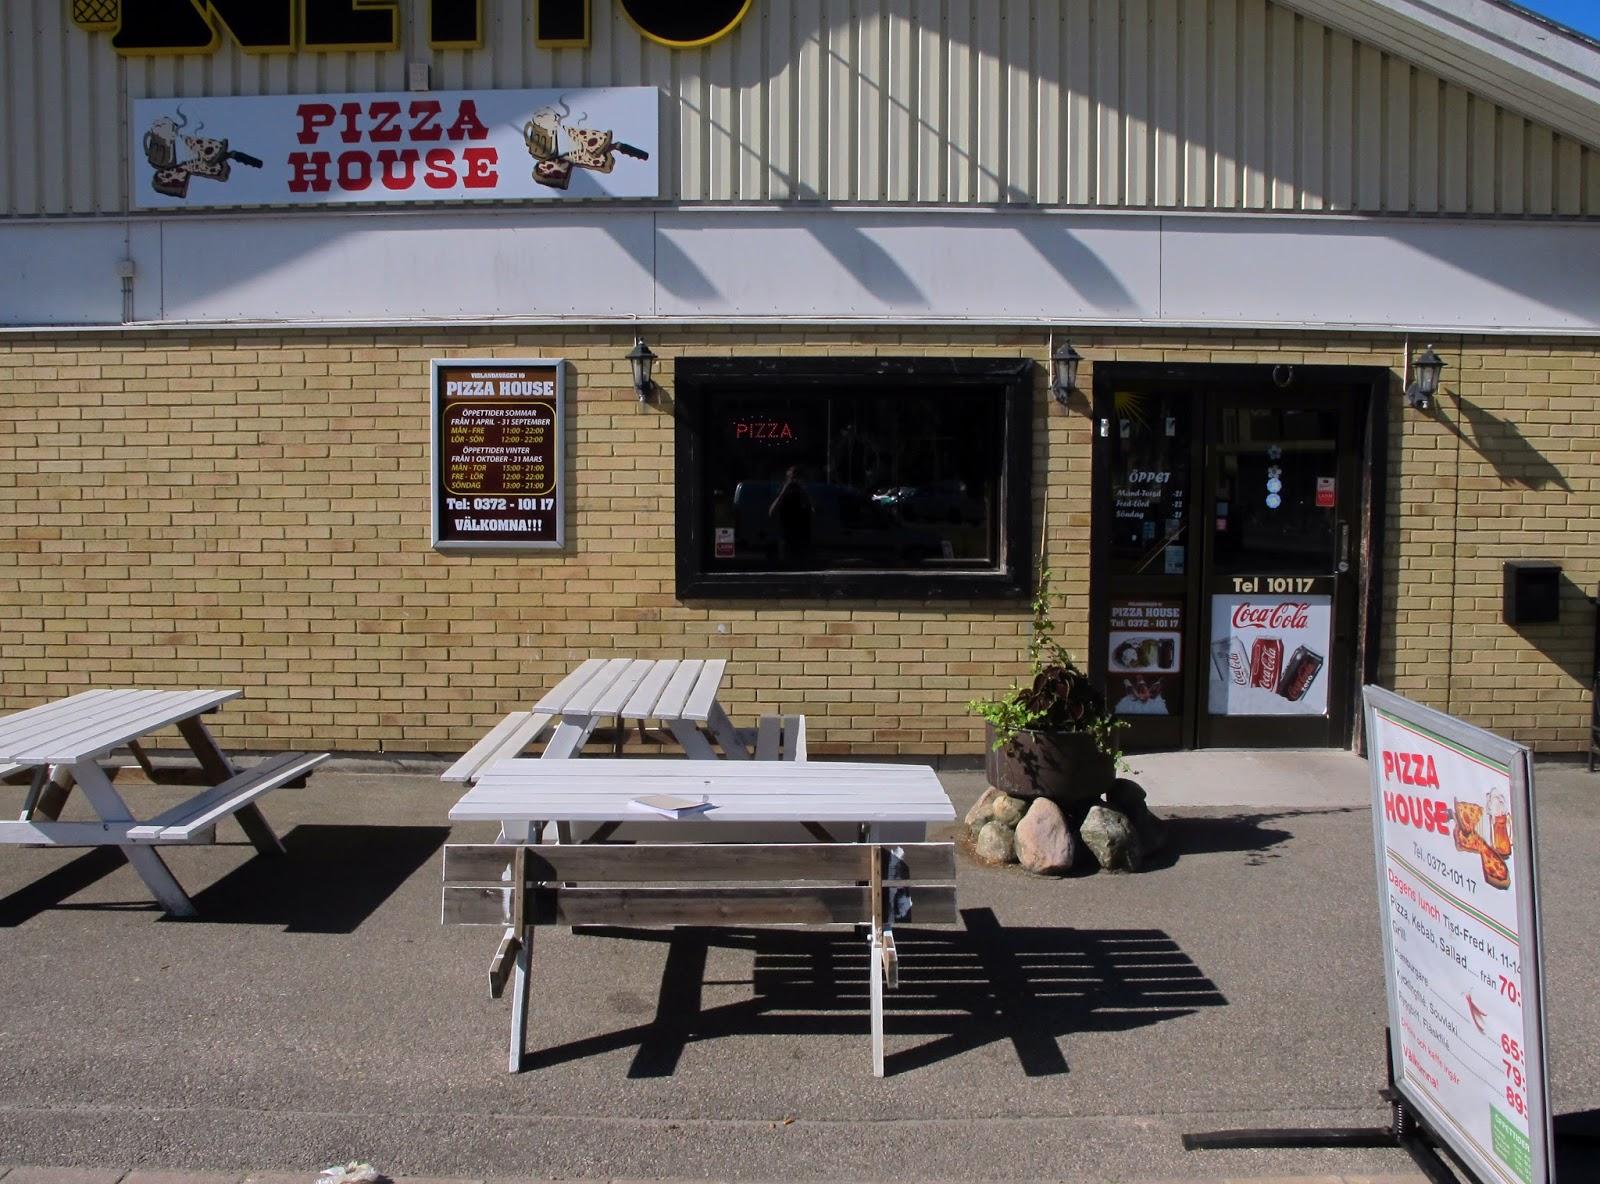 Pizzeria prima ljungby